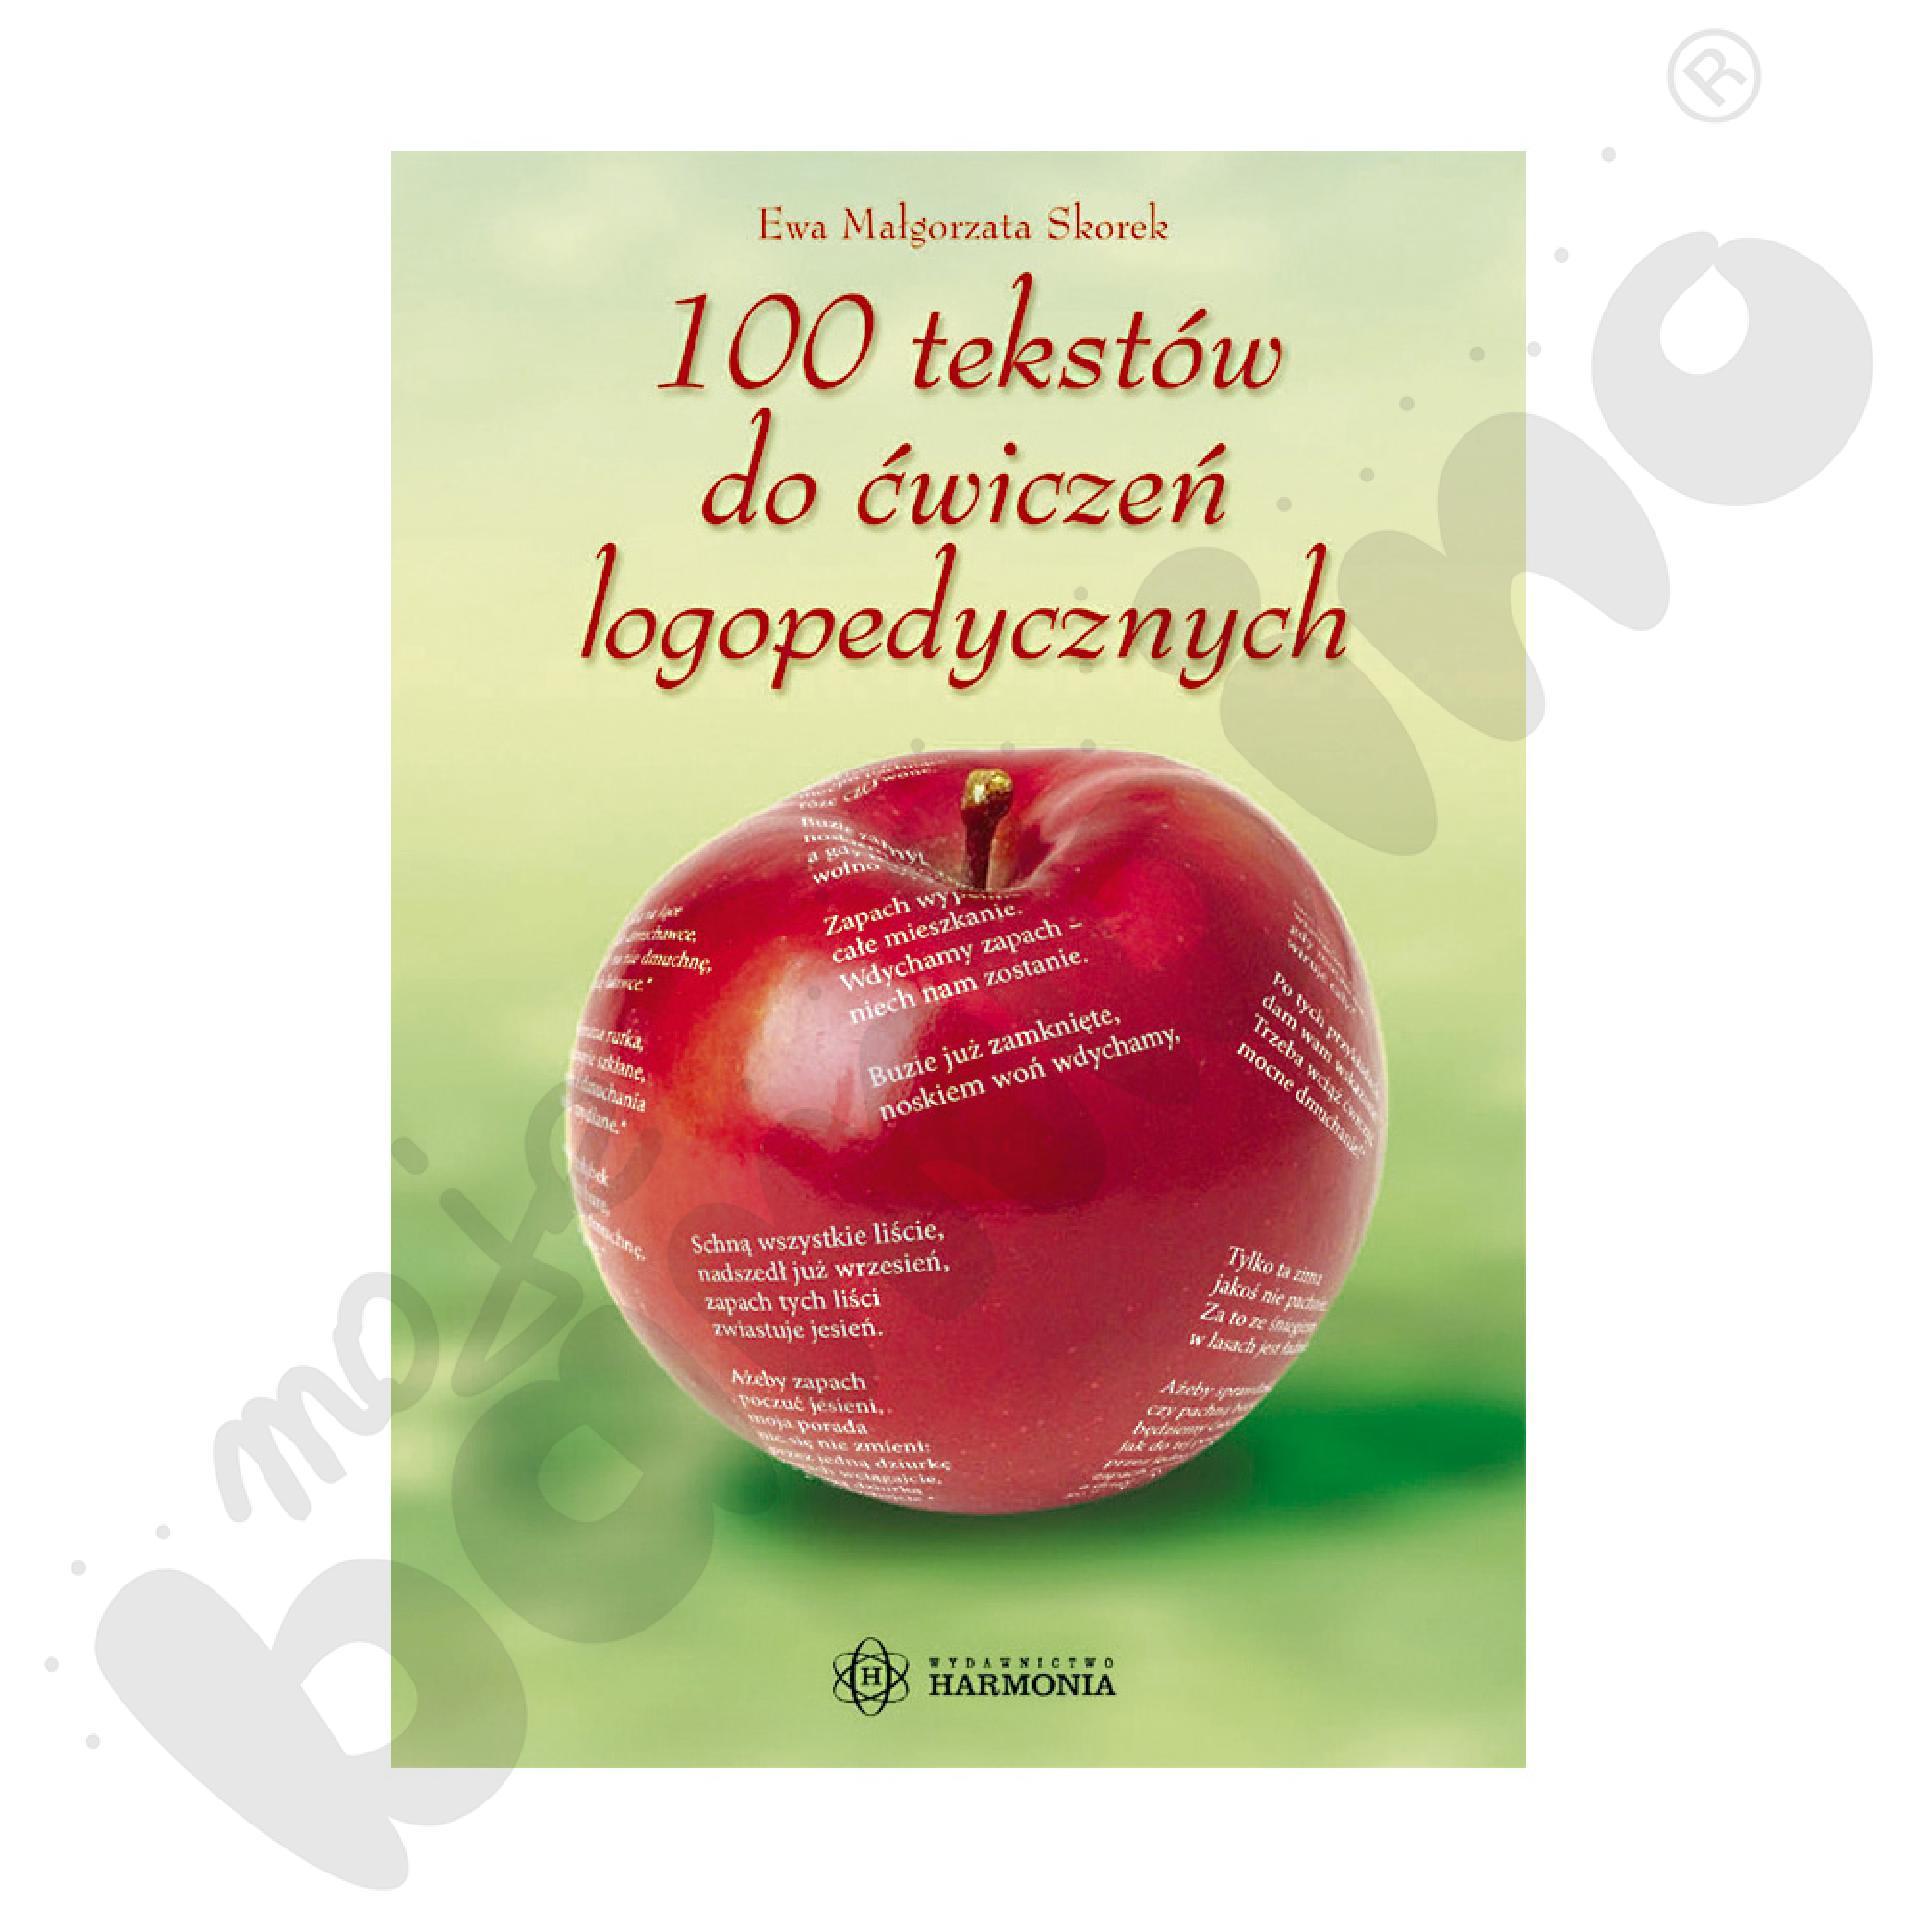 100 tekstów logopedycznych